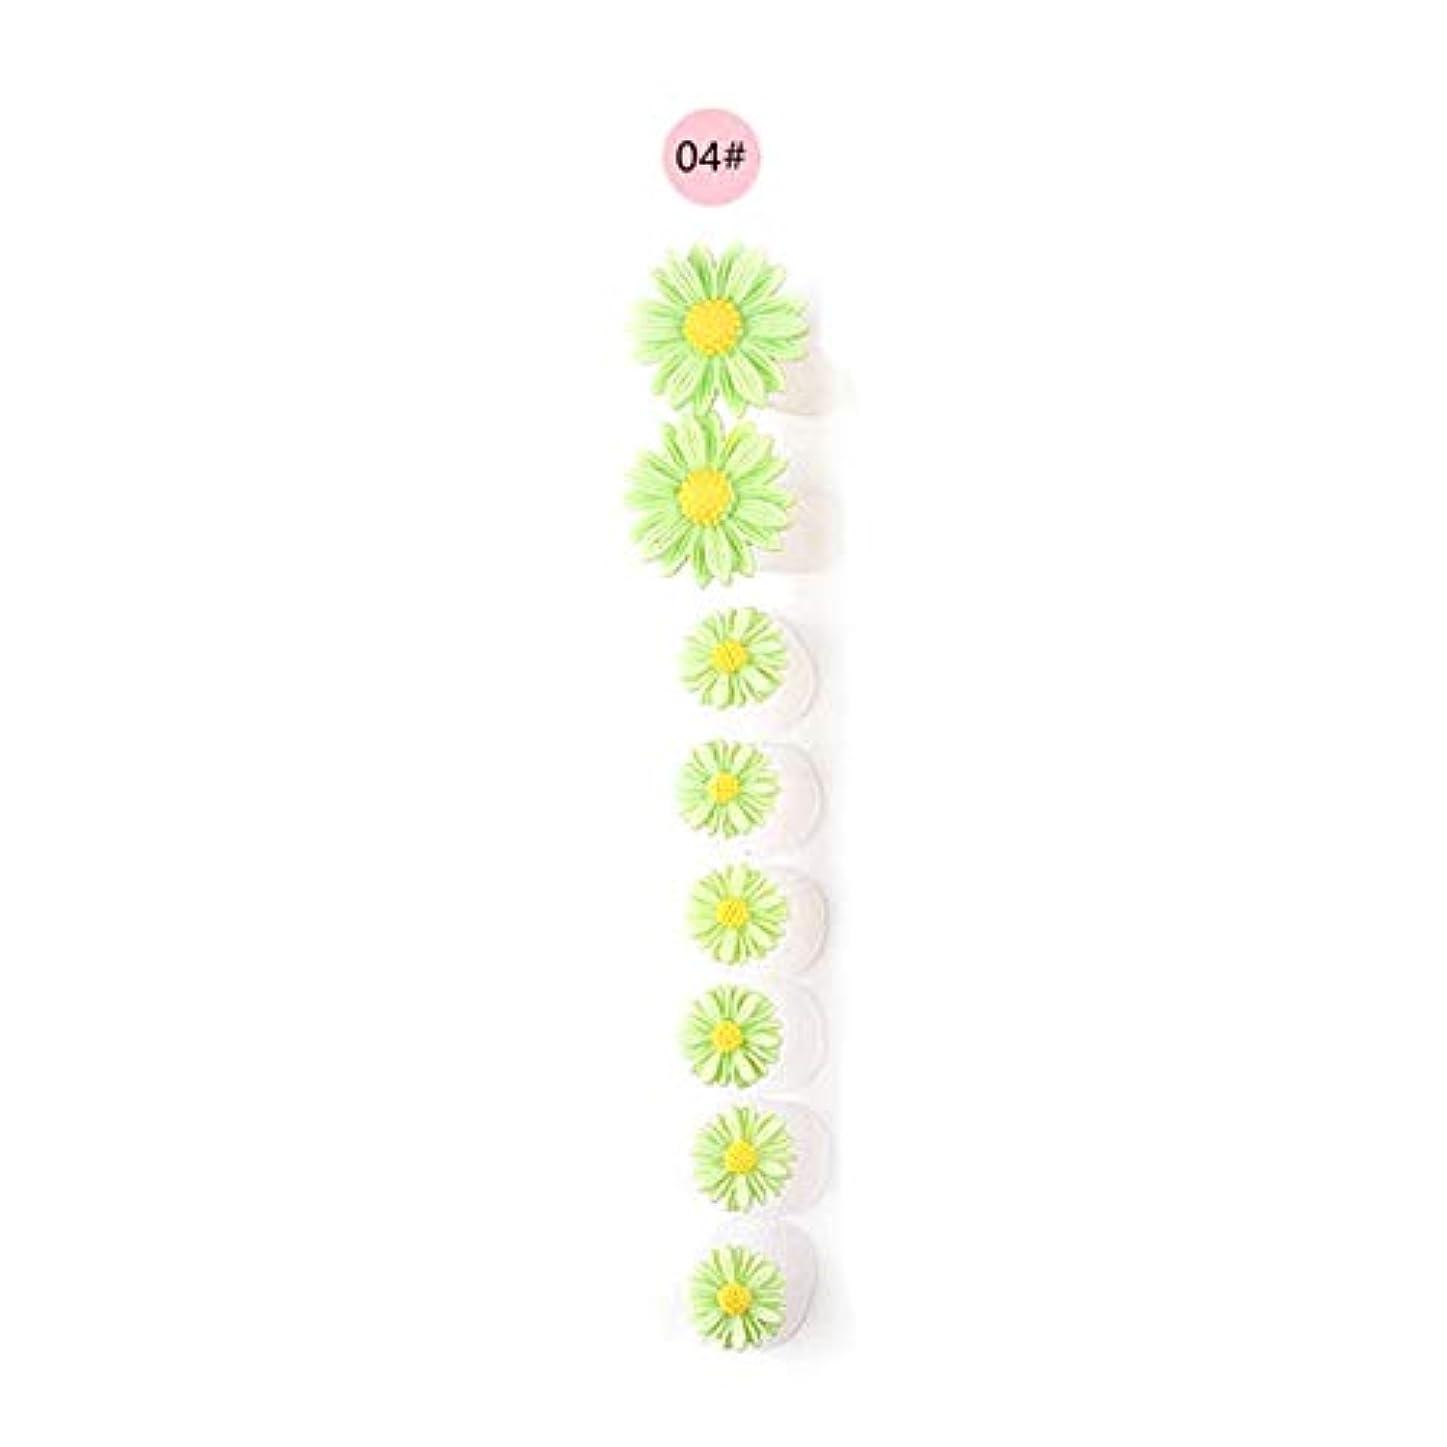 納得させるリングバック必需品8ピース/セットシリコンつま先セパレーター足つま先スペーサー花形ペディキュアDIYネイルアートツール-カラフル04#